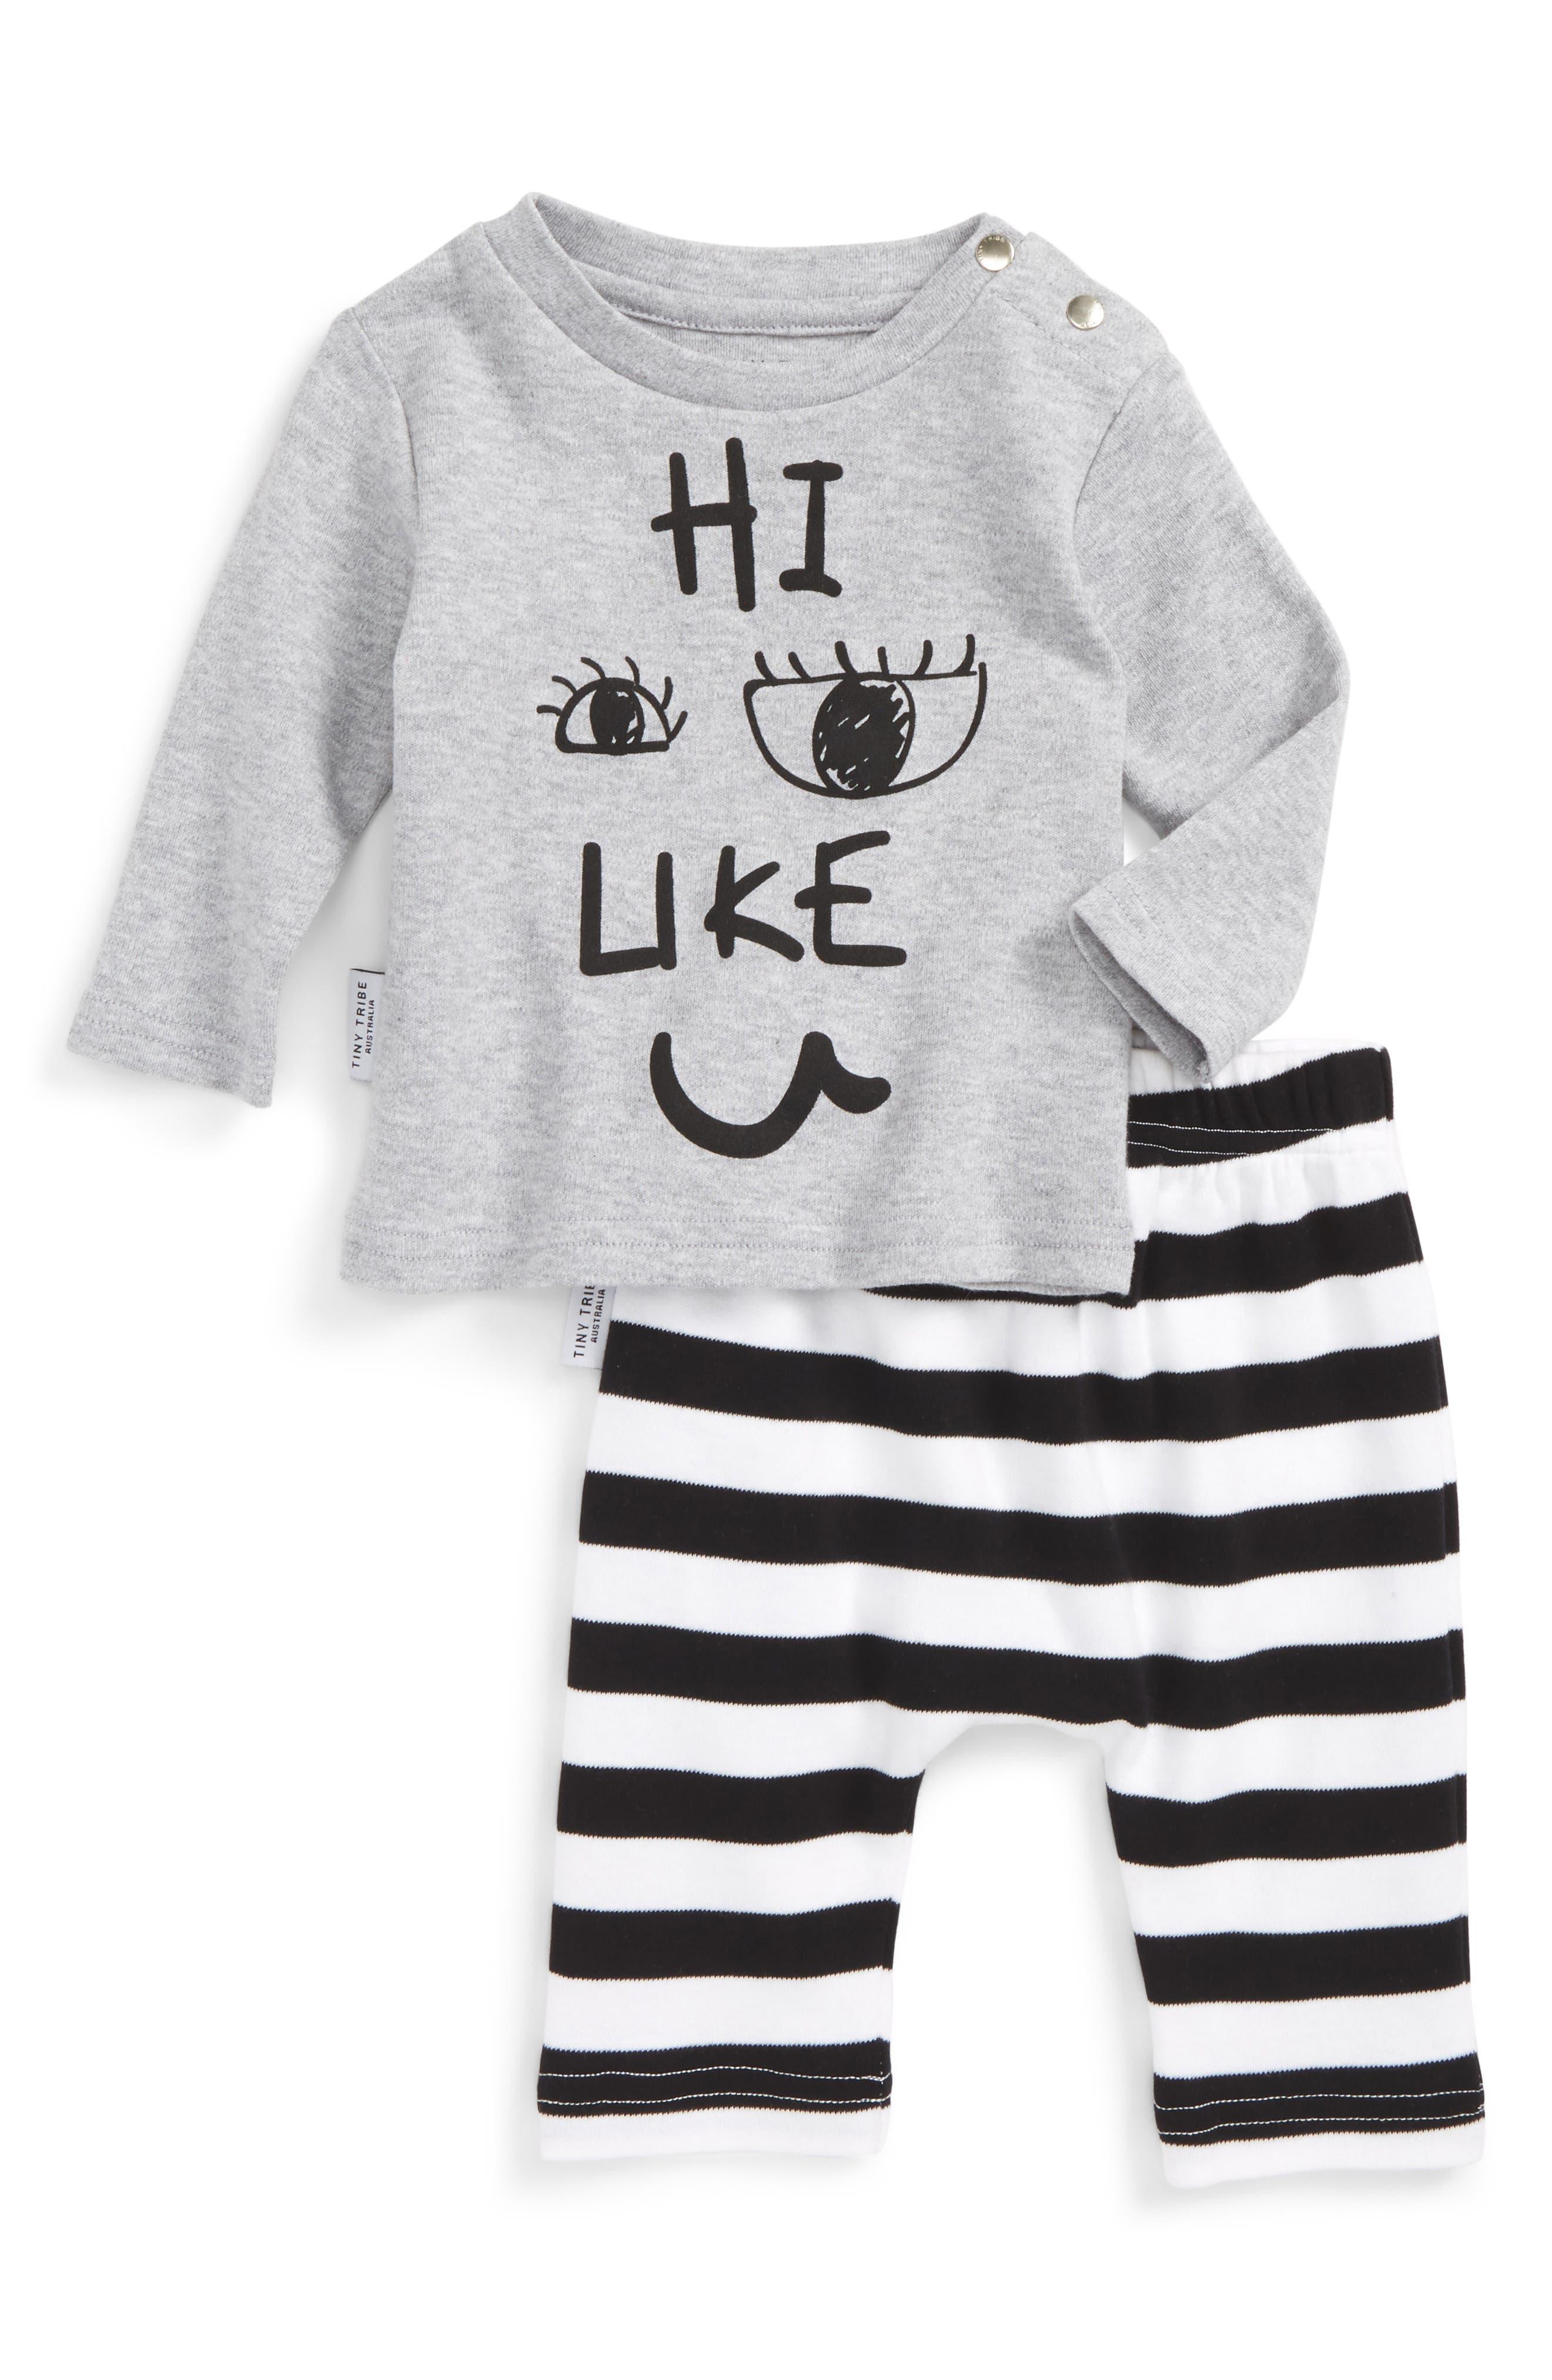 Main Image - Tiny Tribe Hi, I Like You Tee & Leggings Set (Baby & Toddler)